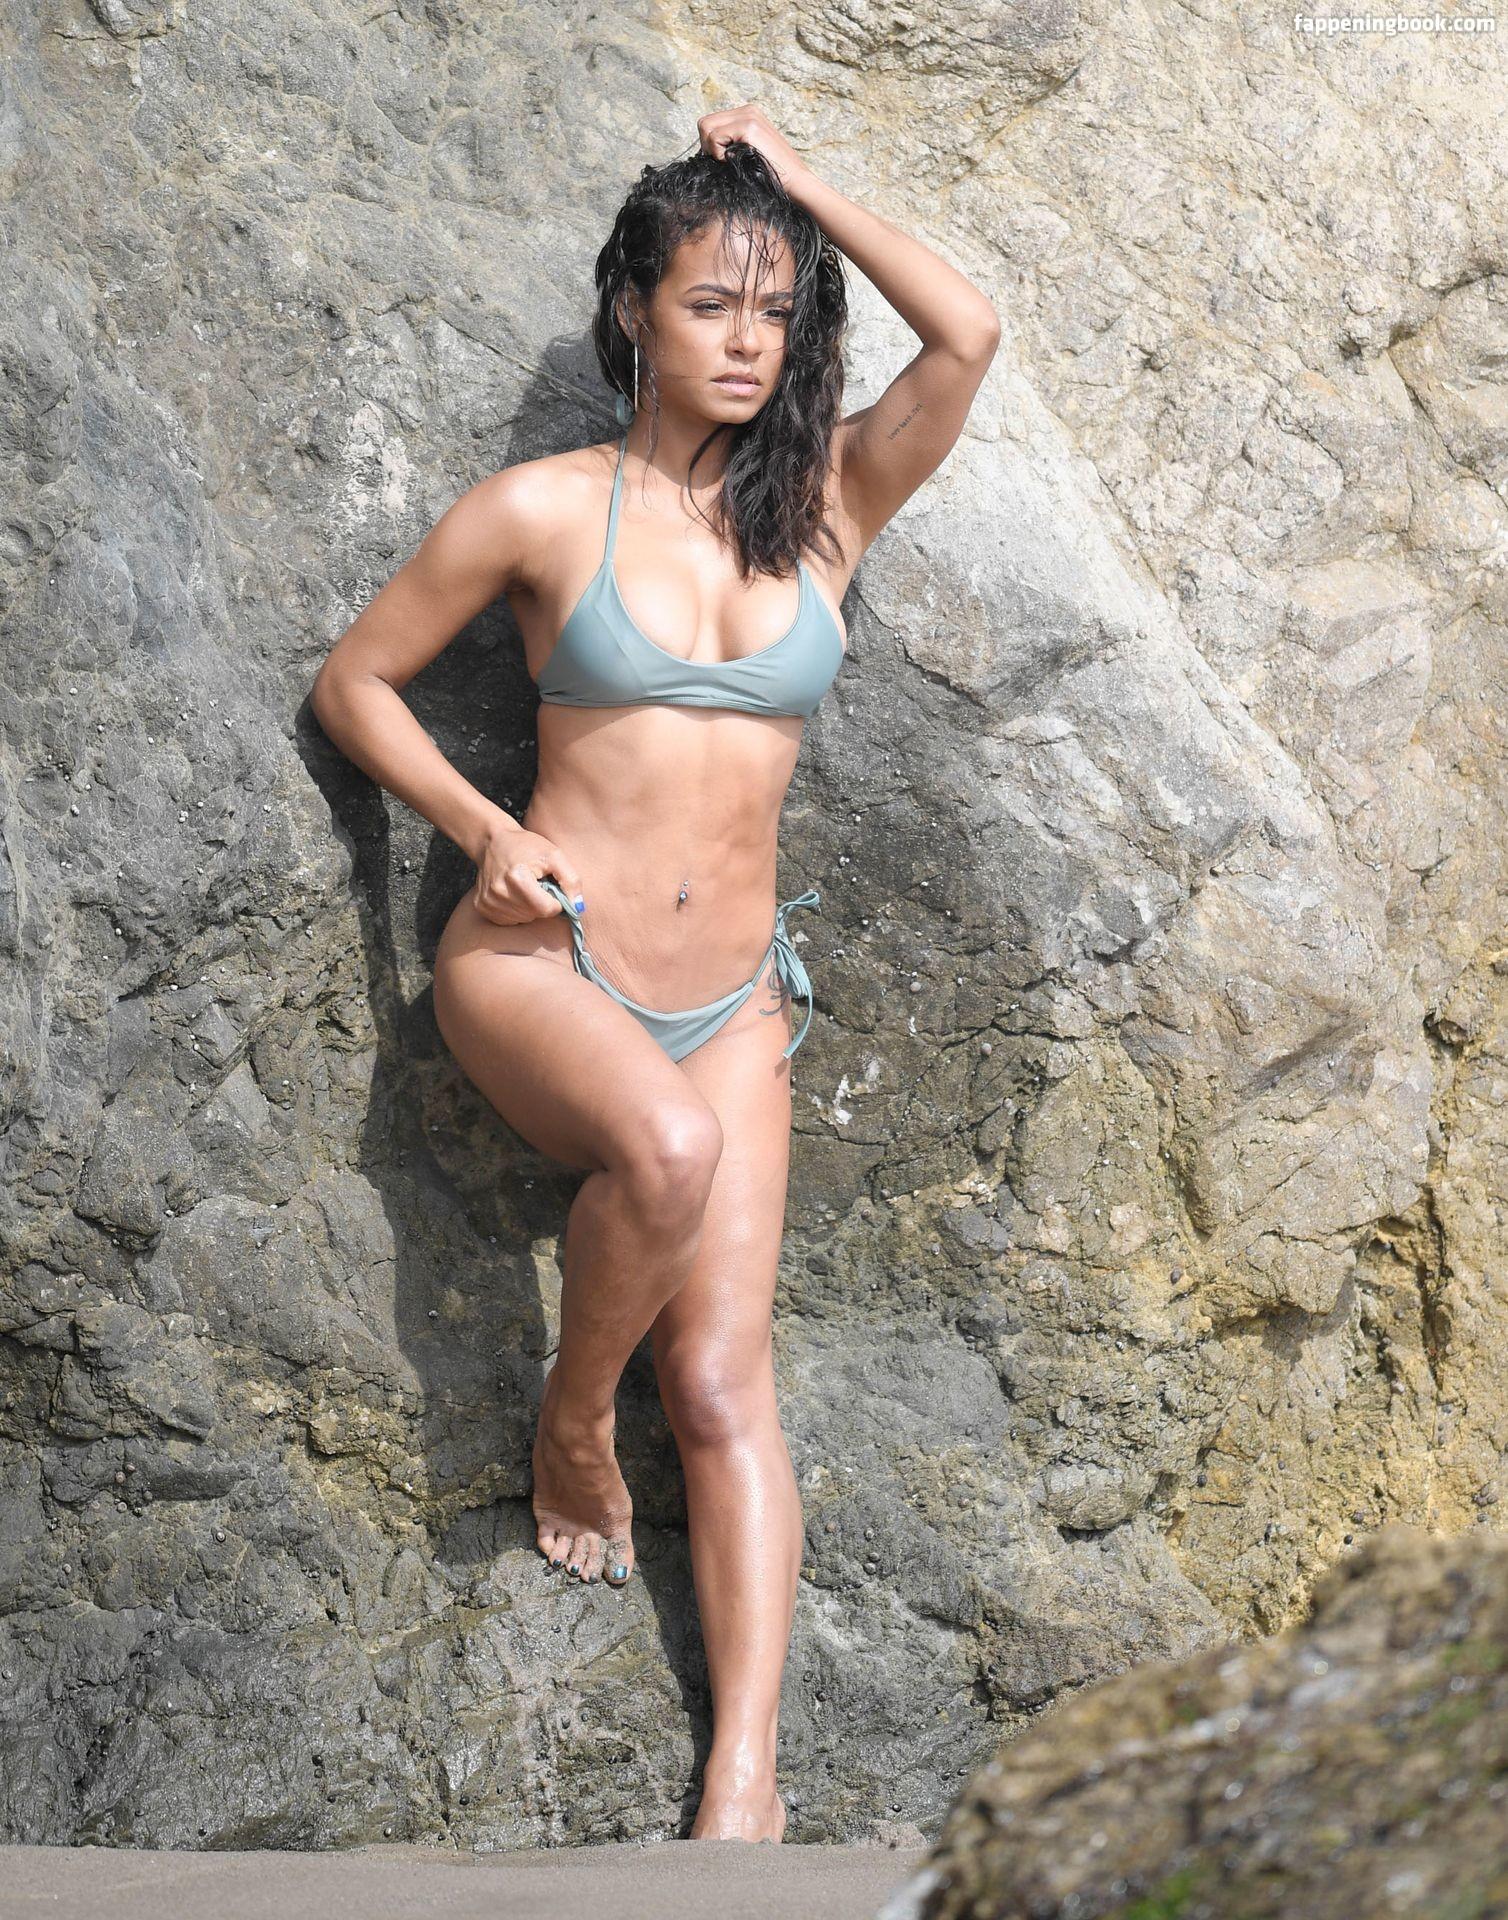 photos Nude christina milian